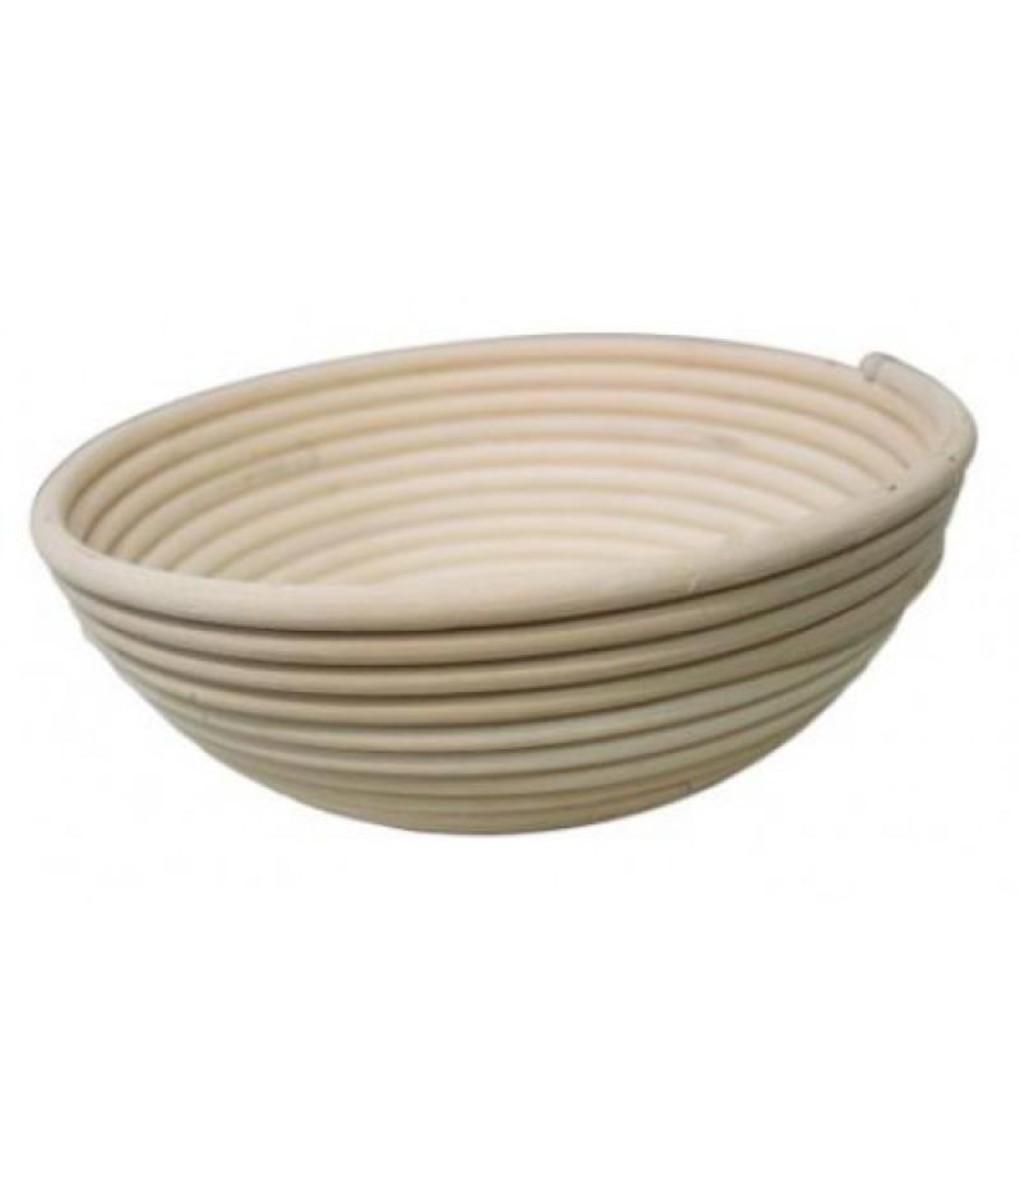 Bread Proofing Basket - 1kg- 22cm - Round - Rattan